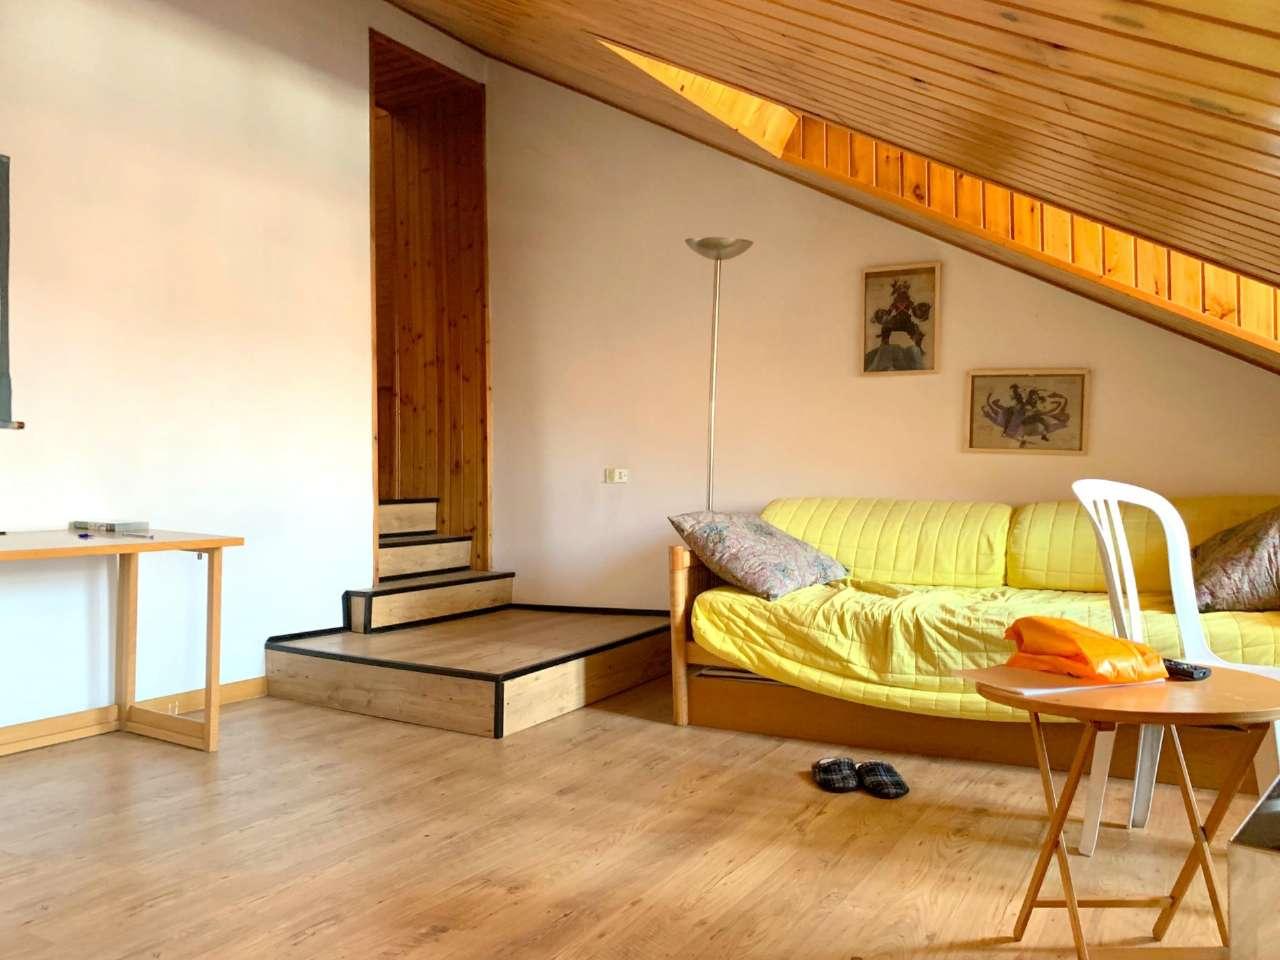 Appartamento in affitto a Torino, 2 locali, zona Centro, Quadrilatero Romano, Repubblica, Giardini Reali, prezzo € 600 | PortaleAgenzieImmobiliari.it